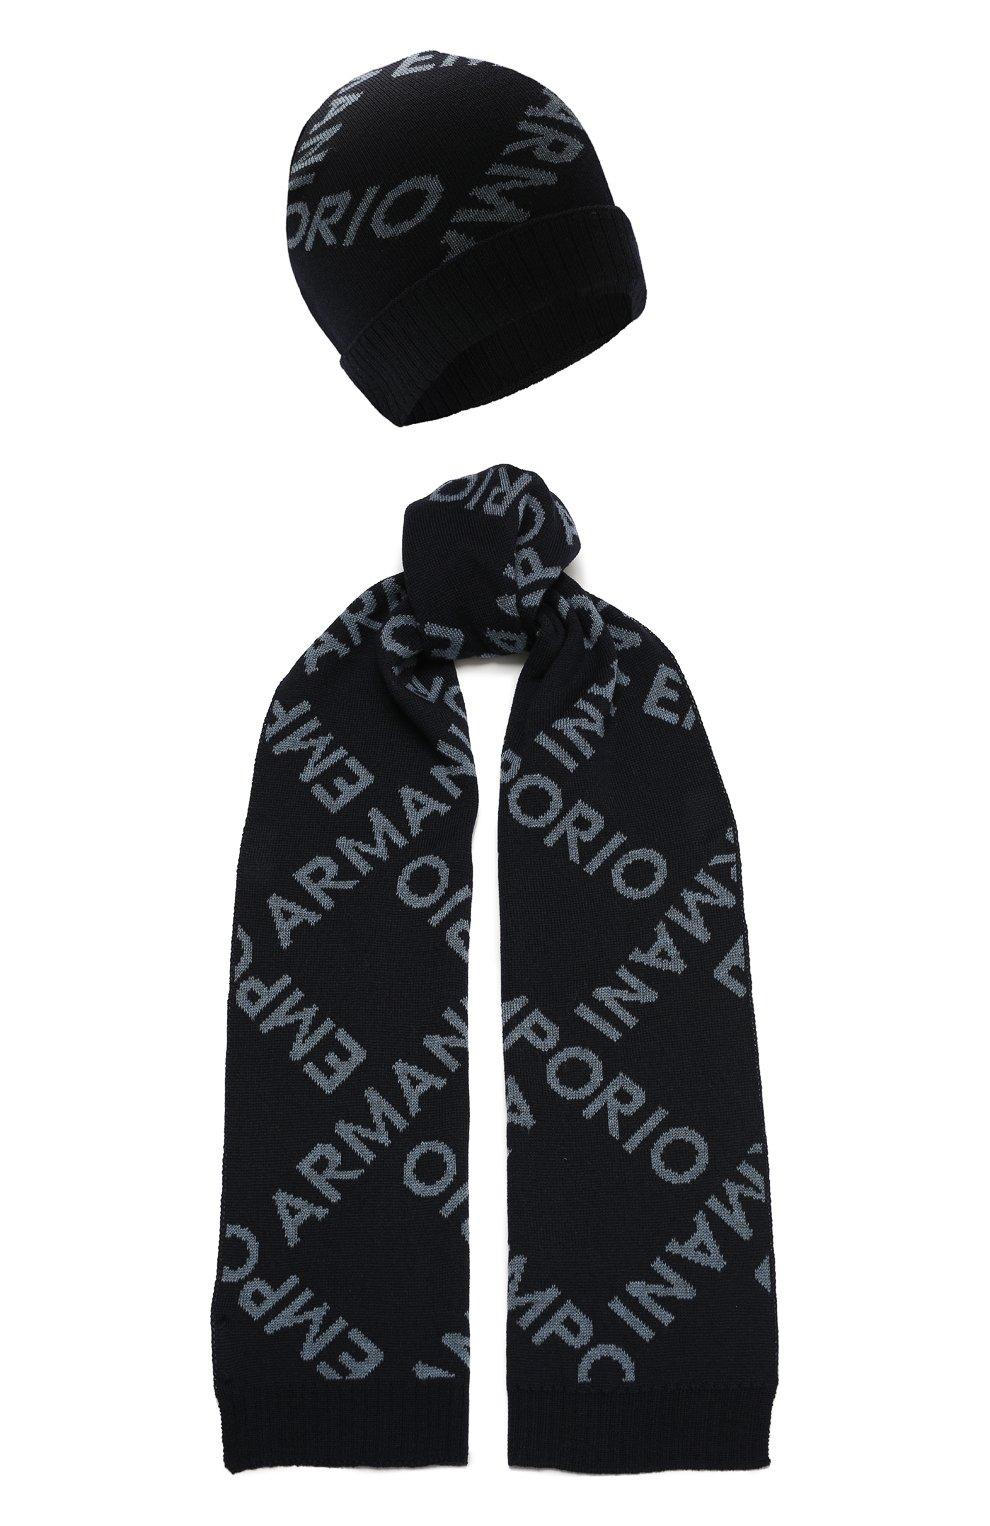 Детский комплект из шапки и шарфа EMPORIO ARMANI синего цвета, арт. 407513/1A765   Фото 1 (Материал: Шерсть)